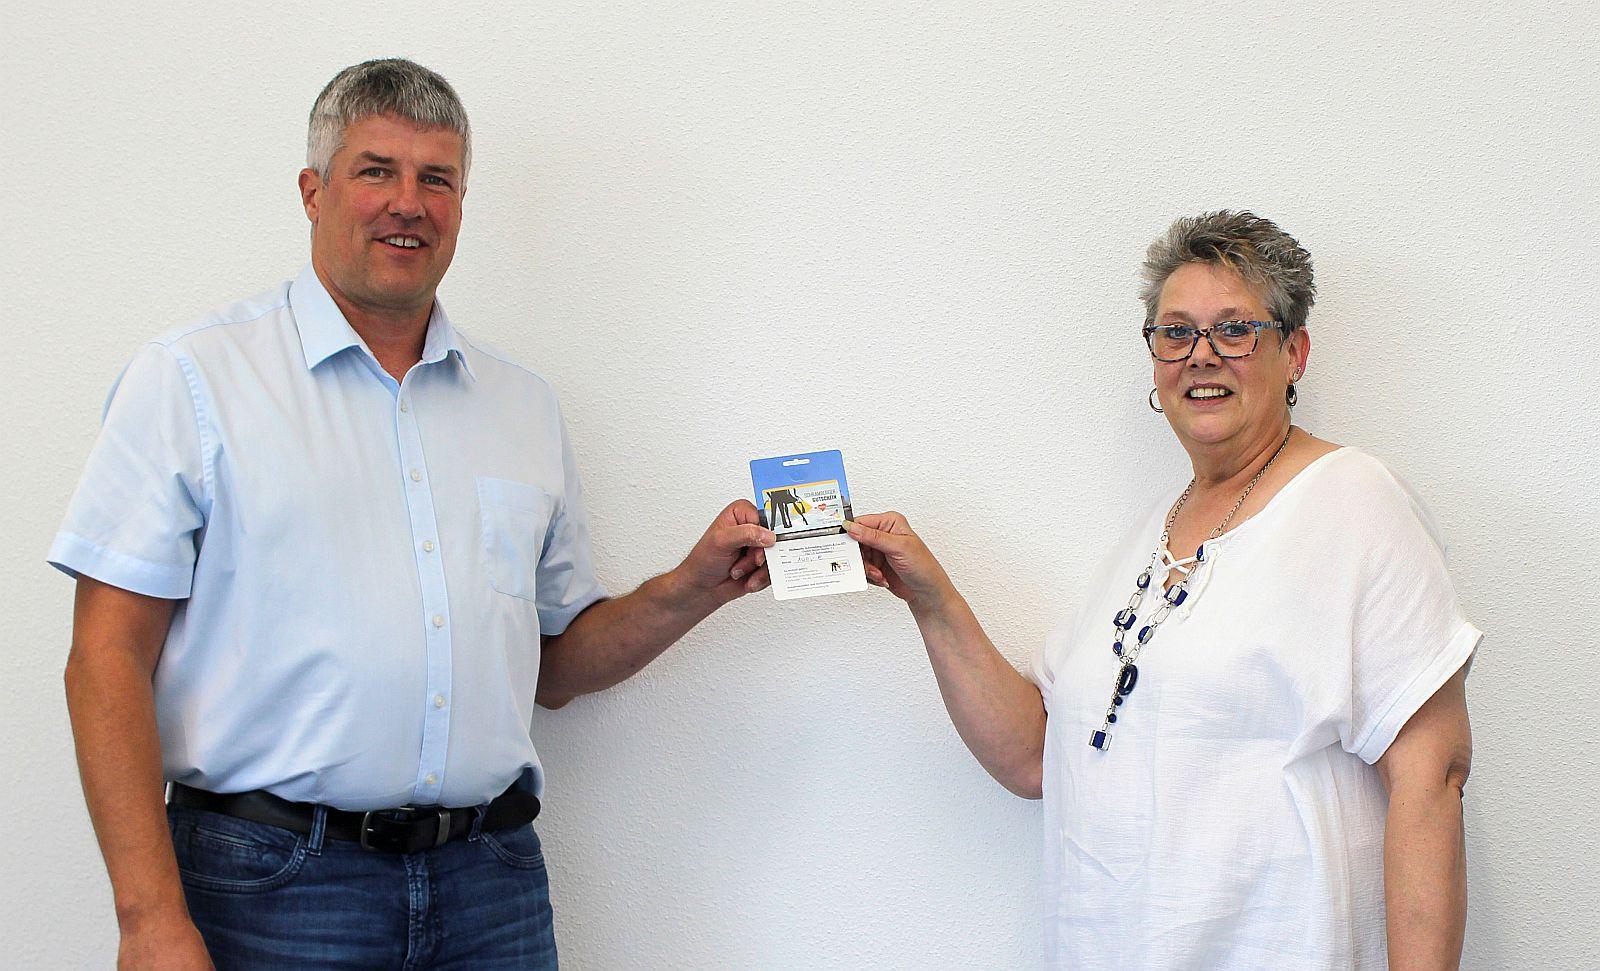 Christian Blessing, Vertriebsleiter der Stadtwerke Schramberg und die Gewinnerin Ursula Reis. Foto: pm